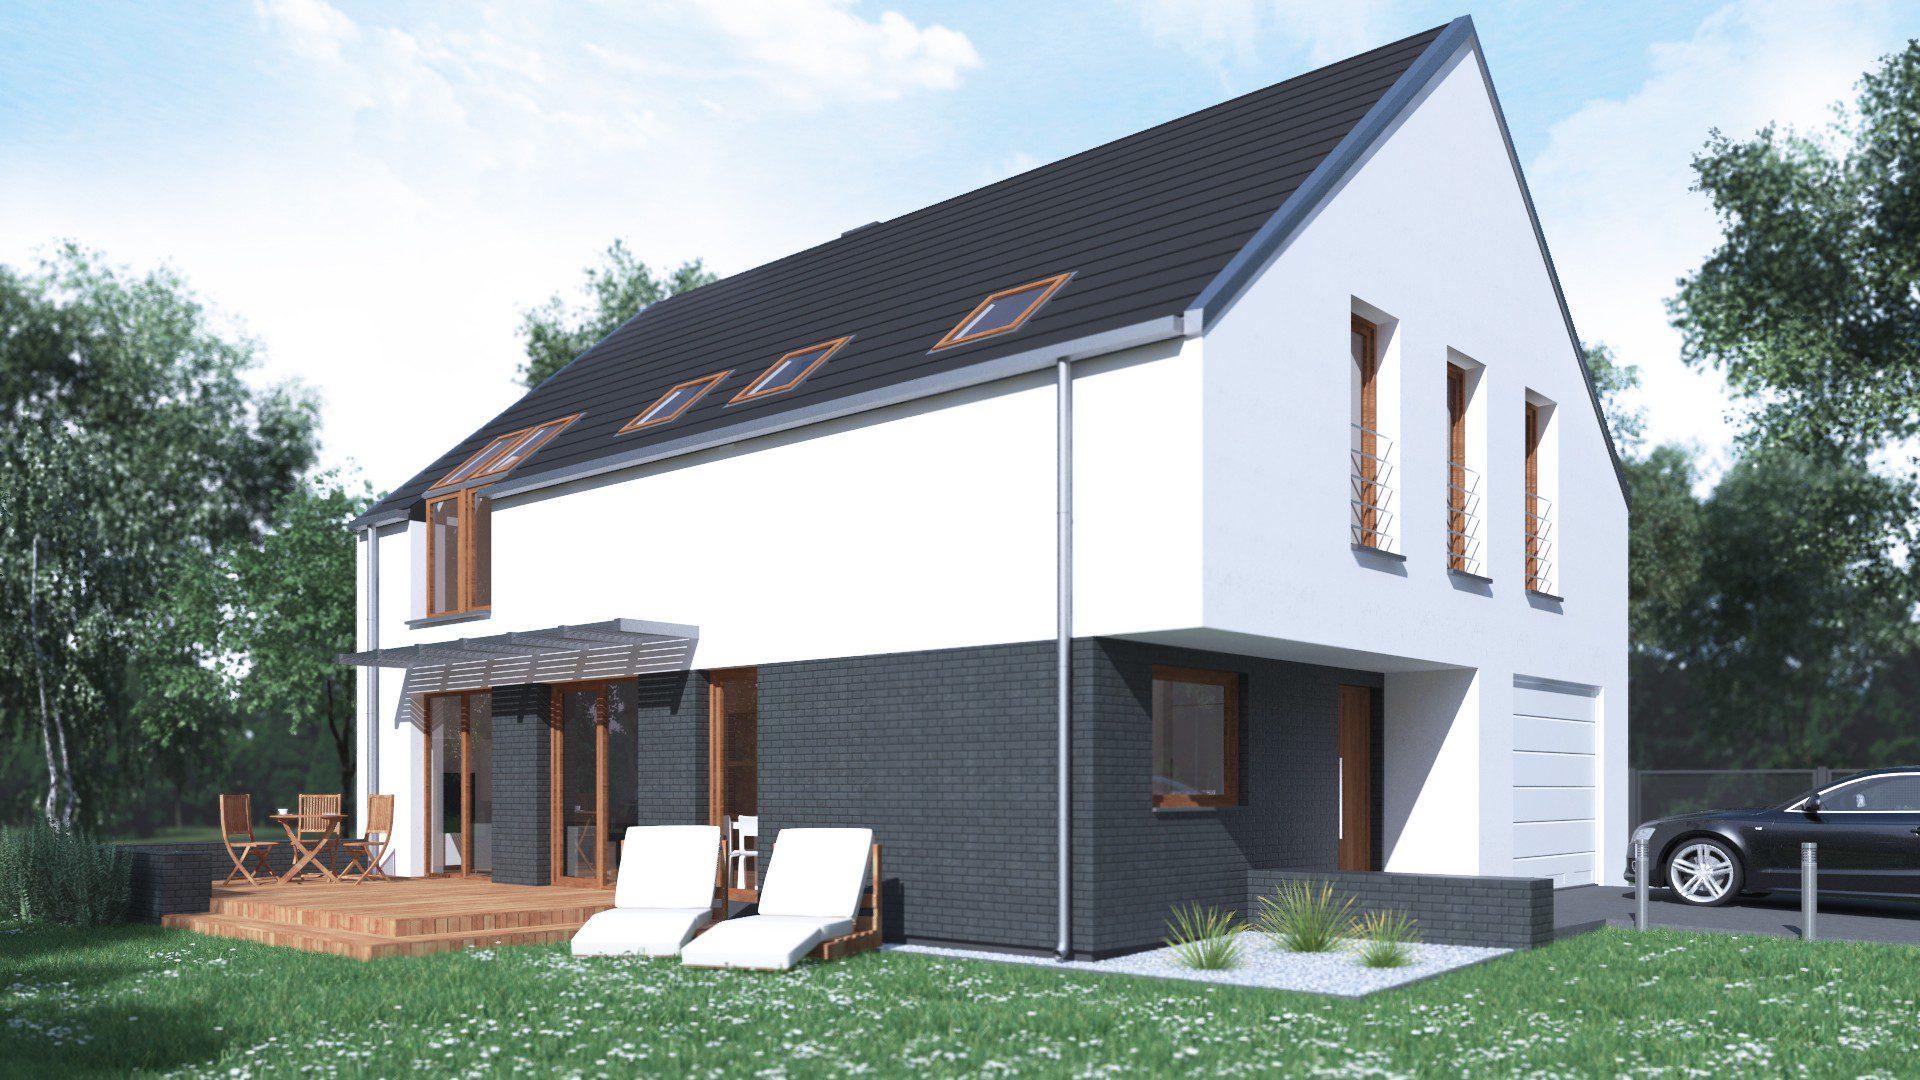 projekt domu opcja 1